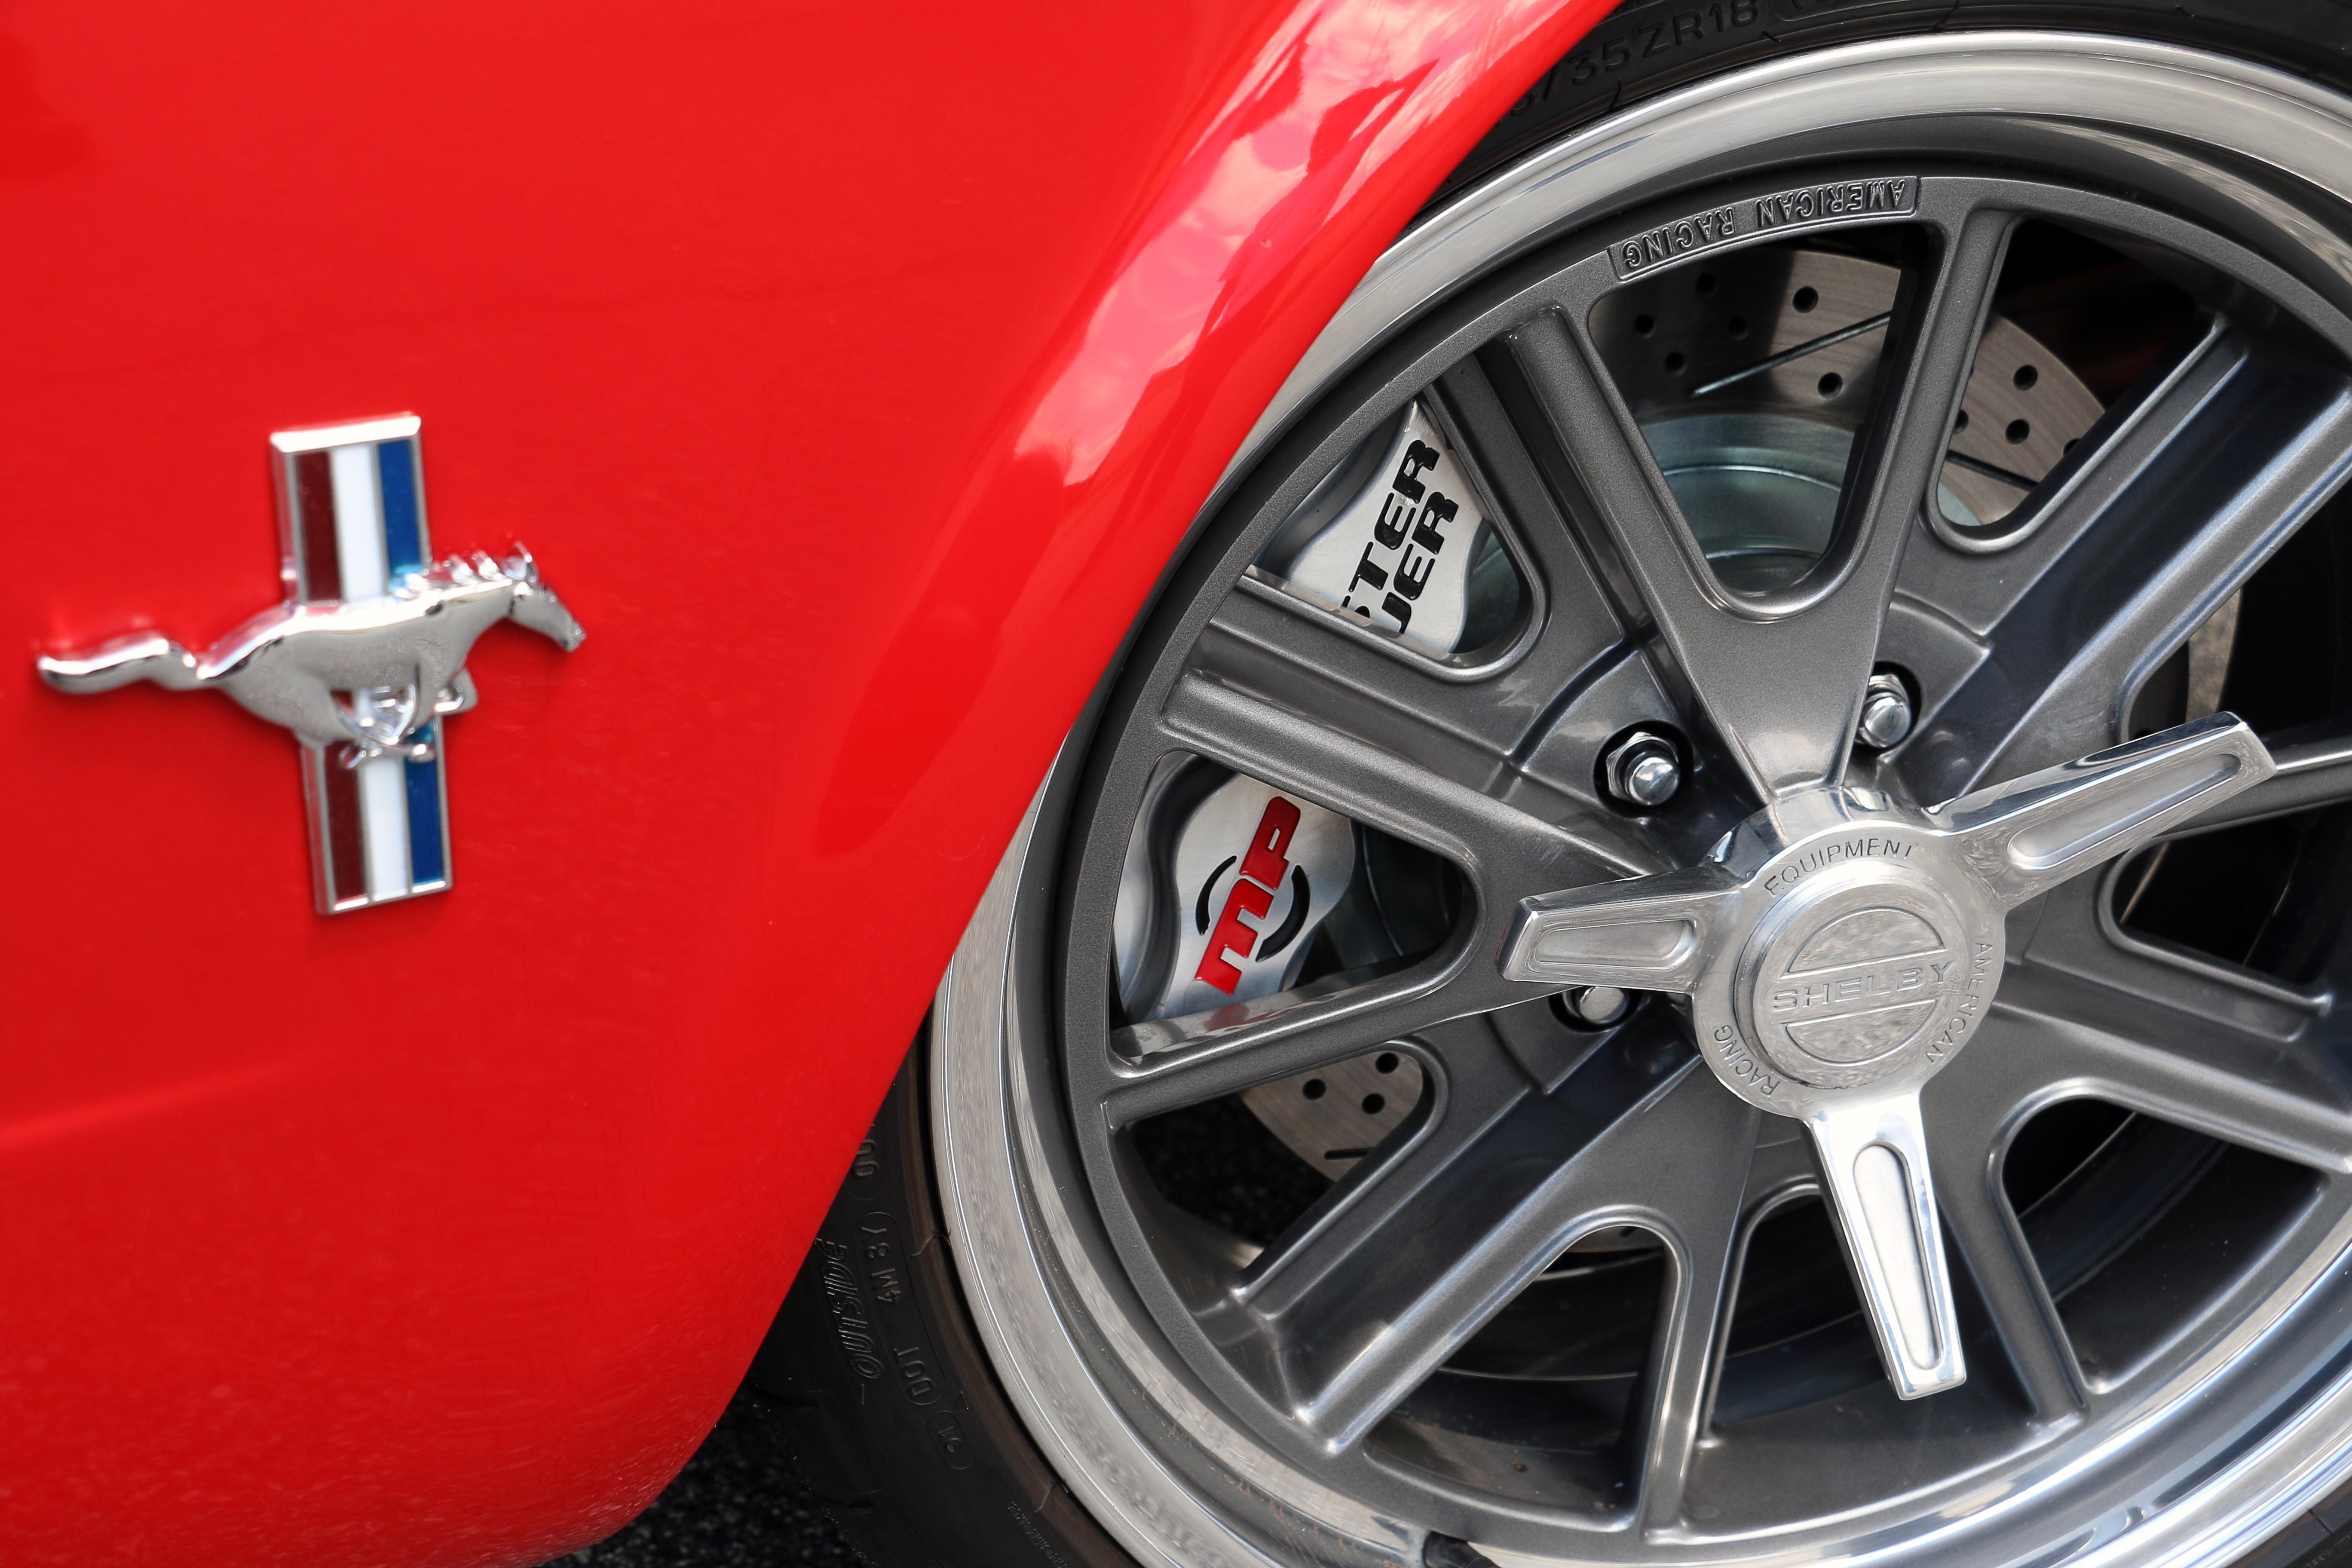 Mustang-Rim-Edit.jpg